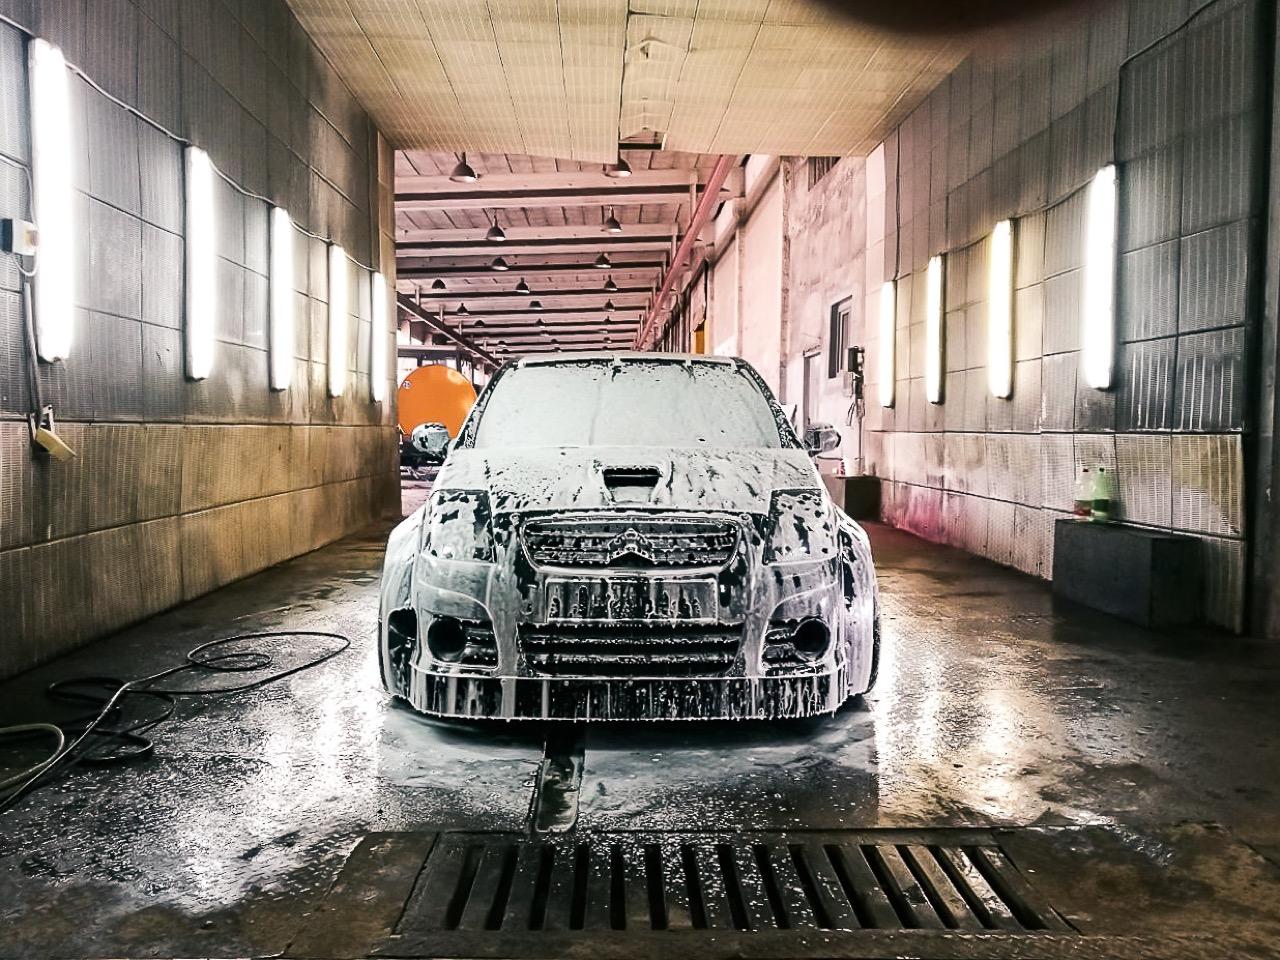 C2 VTS Swap 3S-GTE - Puce excitée ! 4